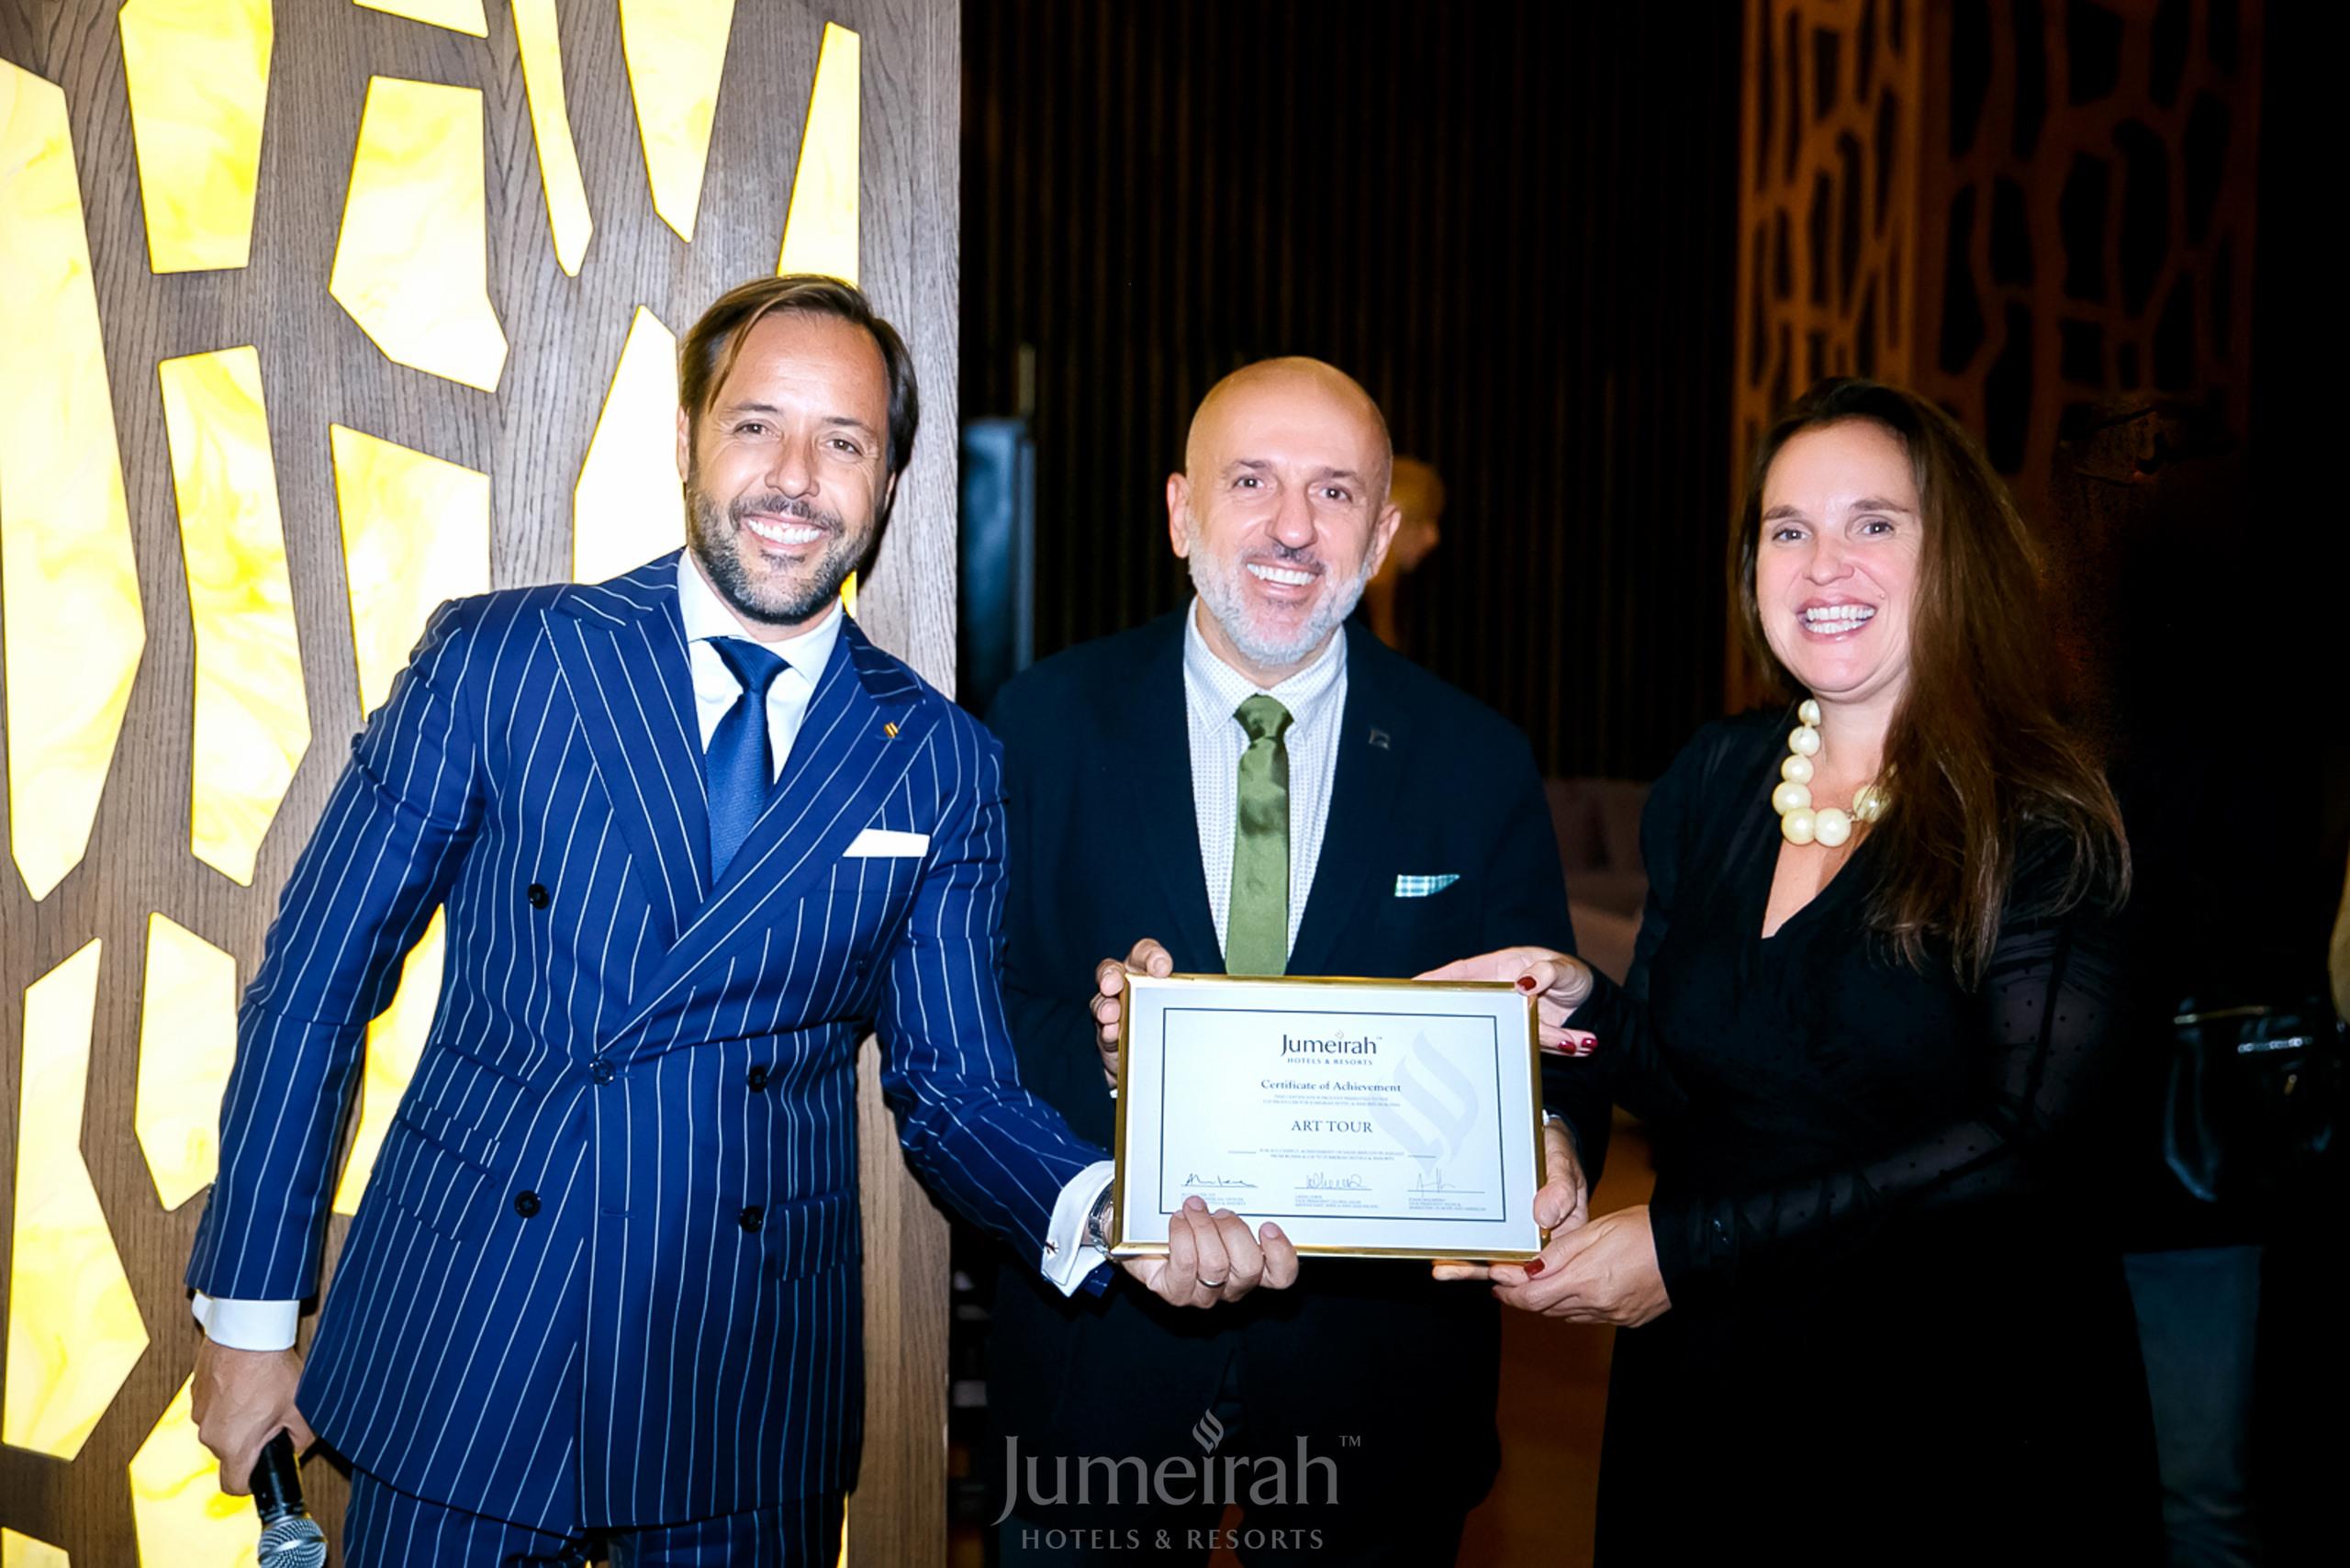 Jumeirah наградила «АРТ-ТУР» как топ-партнера в России на гала-ужине для агентов туроператора